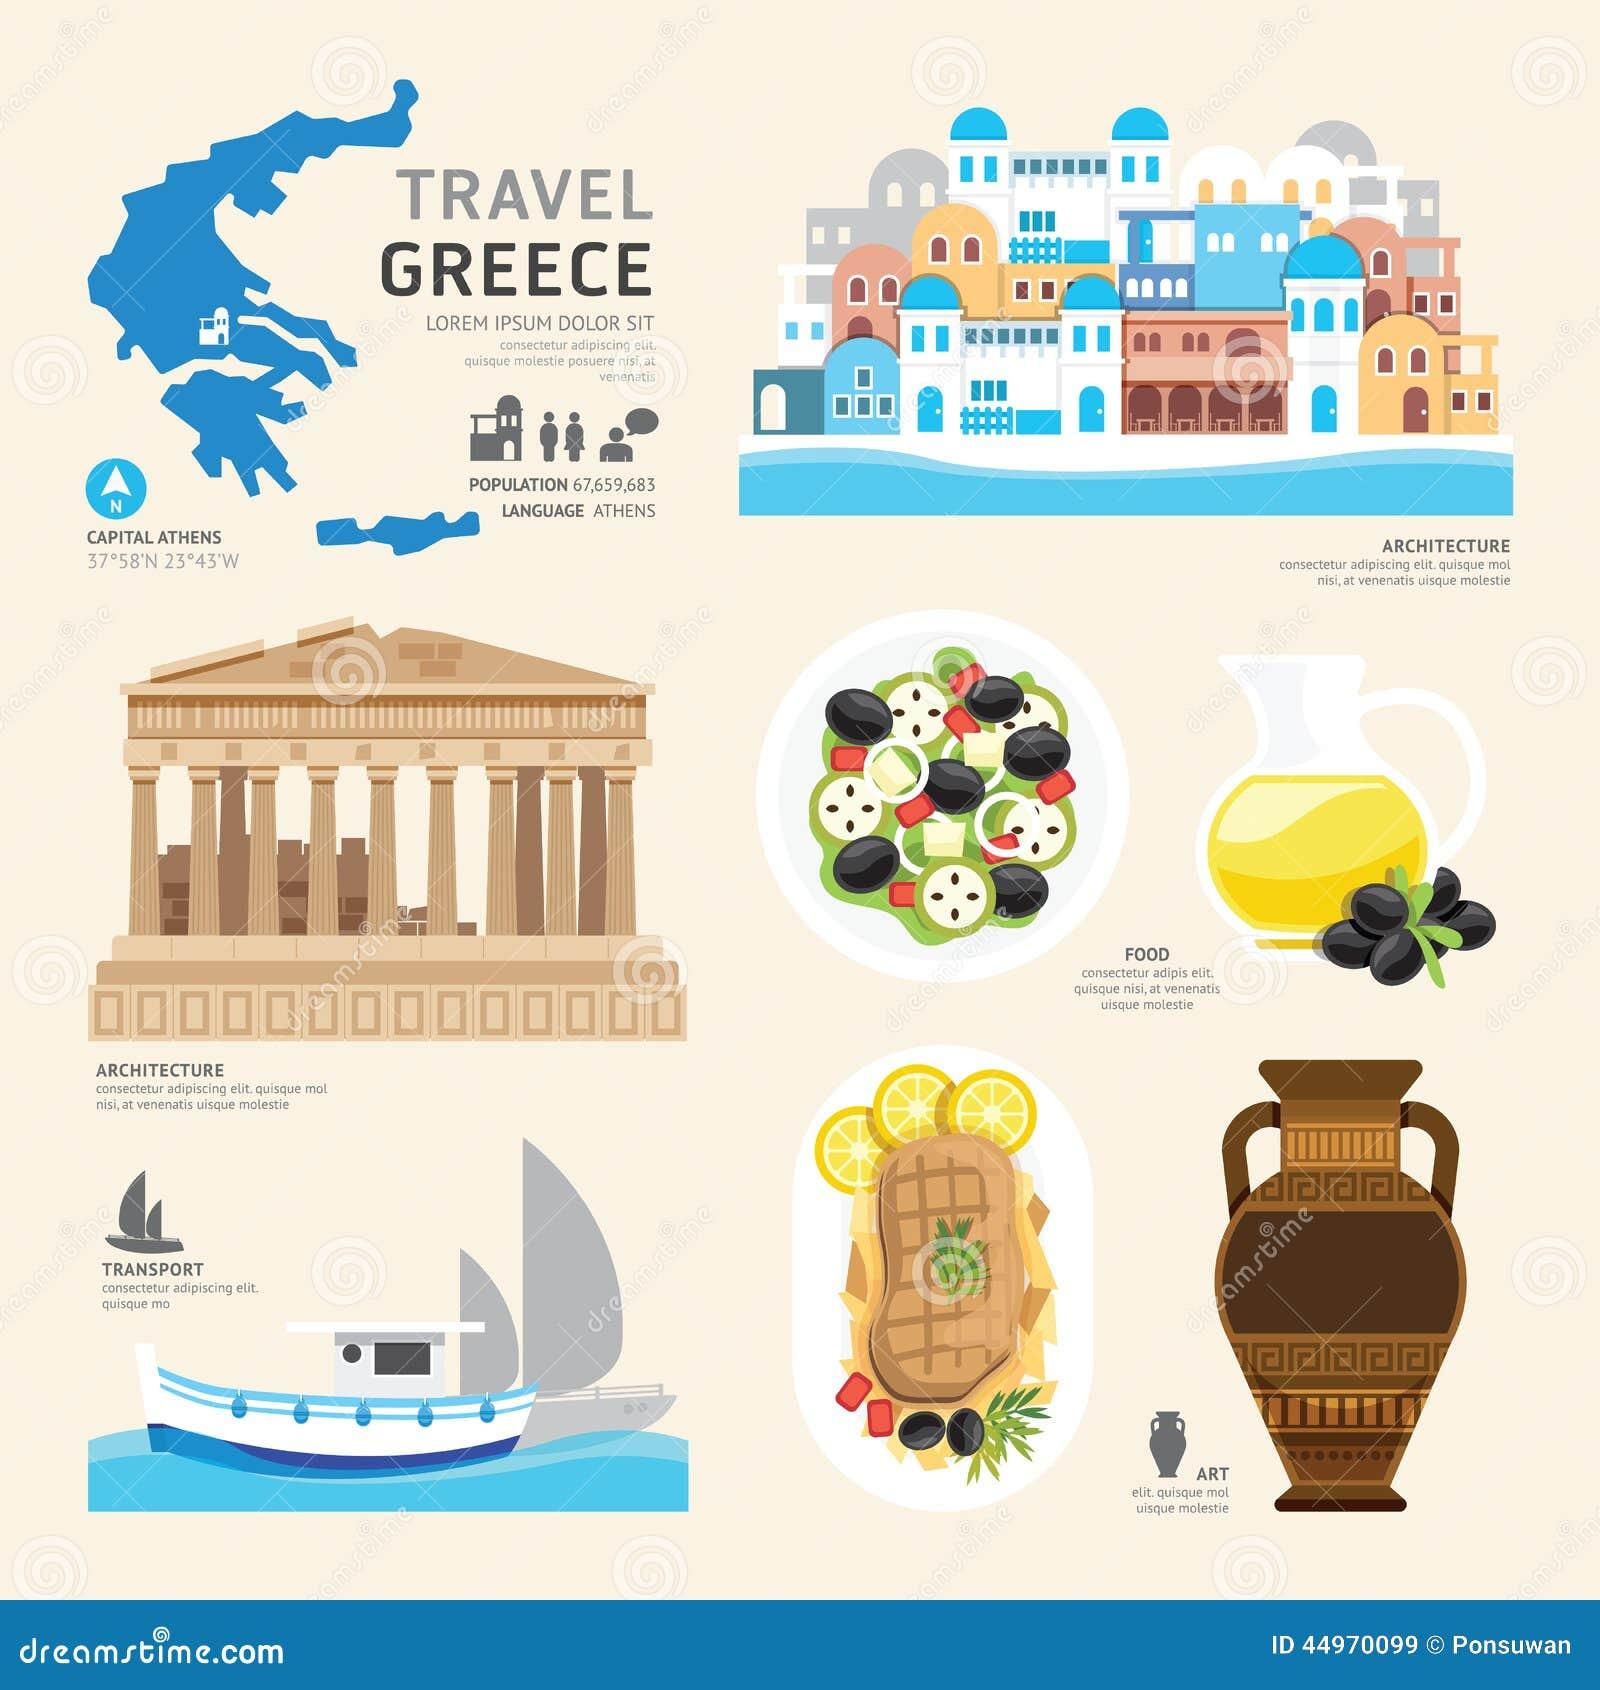 Ontwerp van het Oriëntatiepunt het Vlakke Pictogrammen van Griekenland van het reisconcept Vector